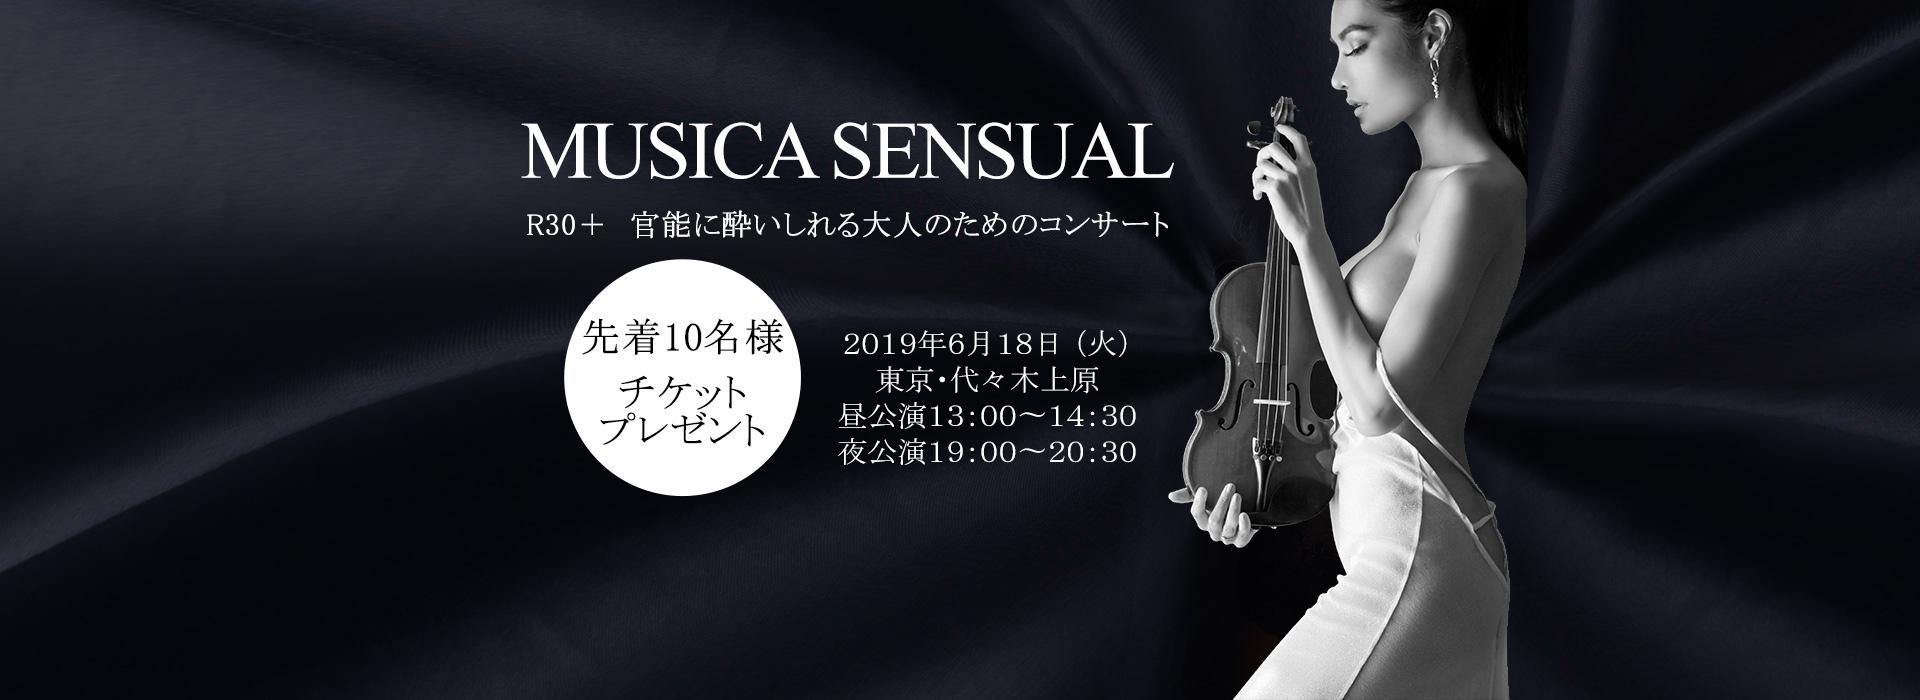 官能コンサート MUSICA SENSUAL 東京・代々木上原6/18(火)